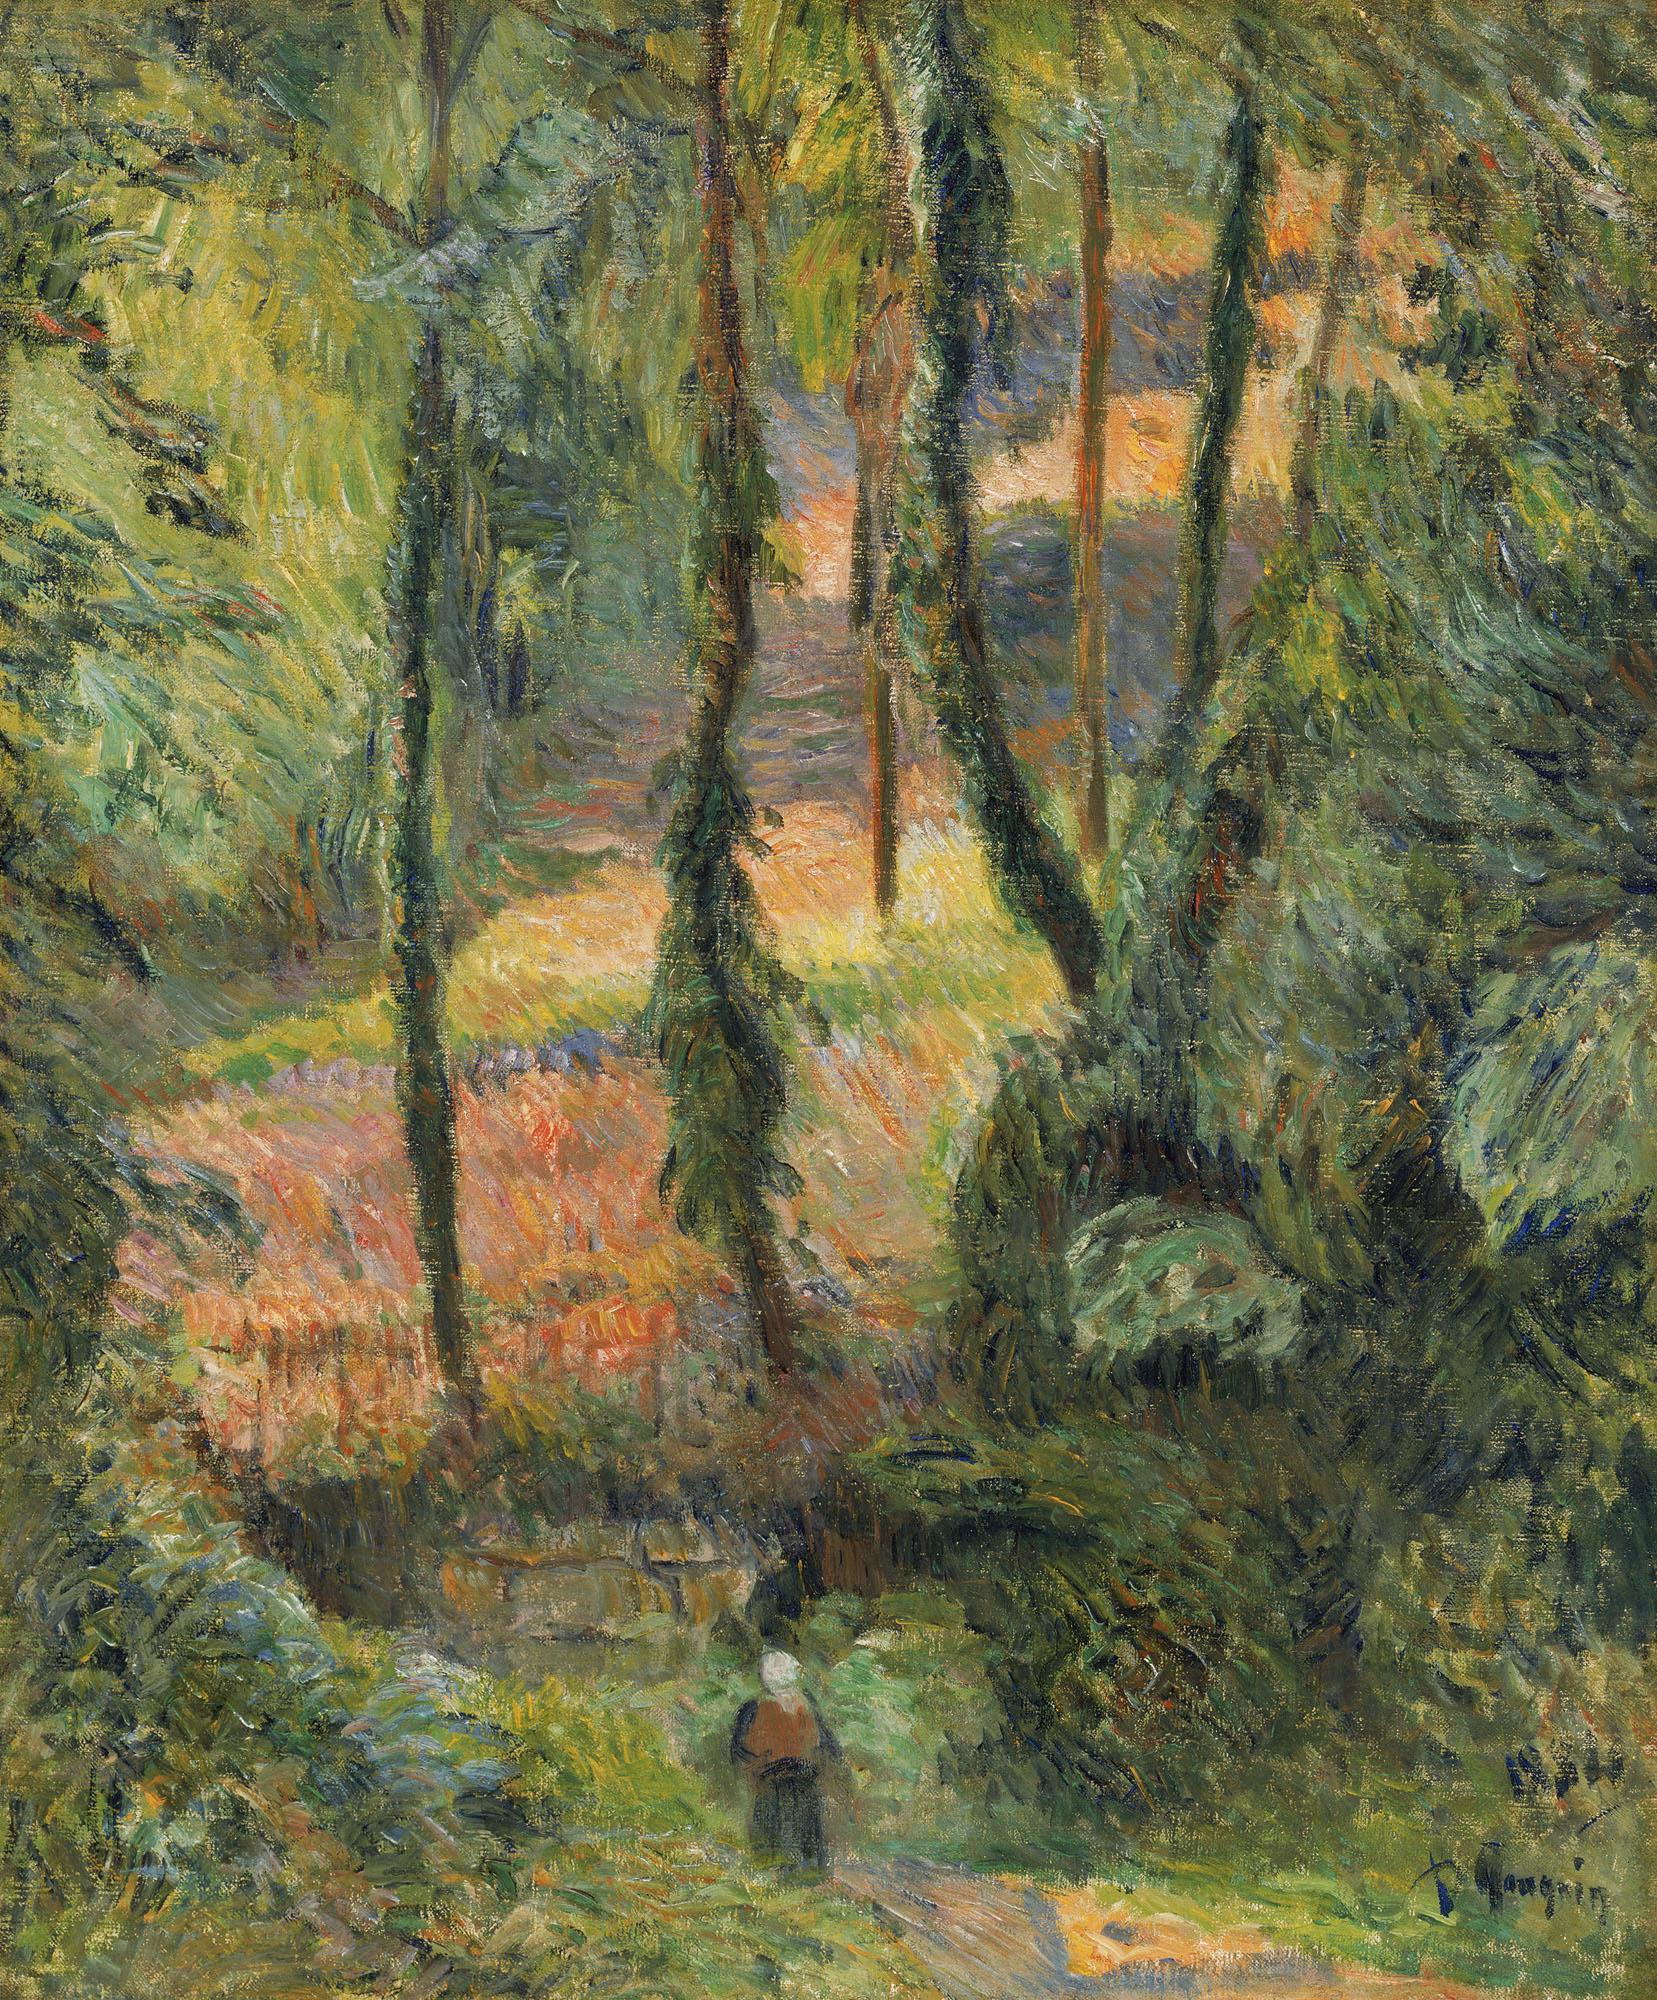 Claude Monet Landscape Painting anysize 50% off